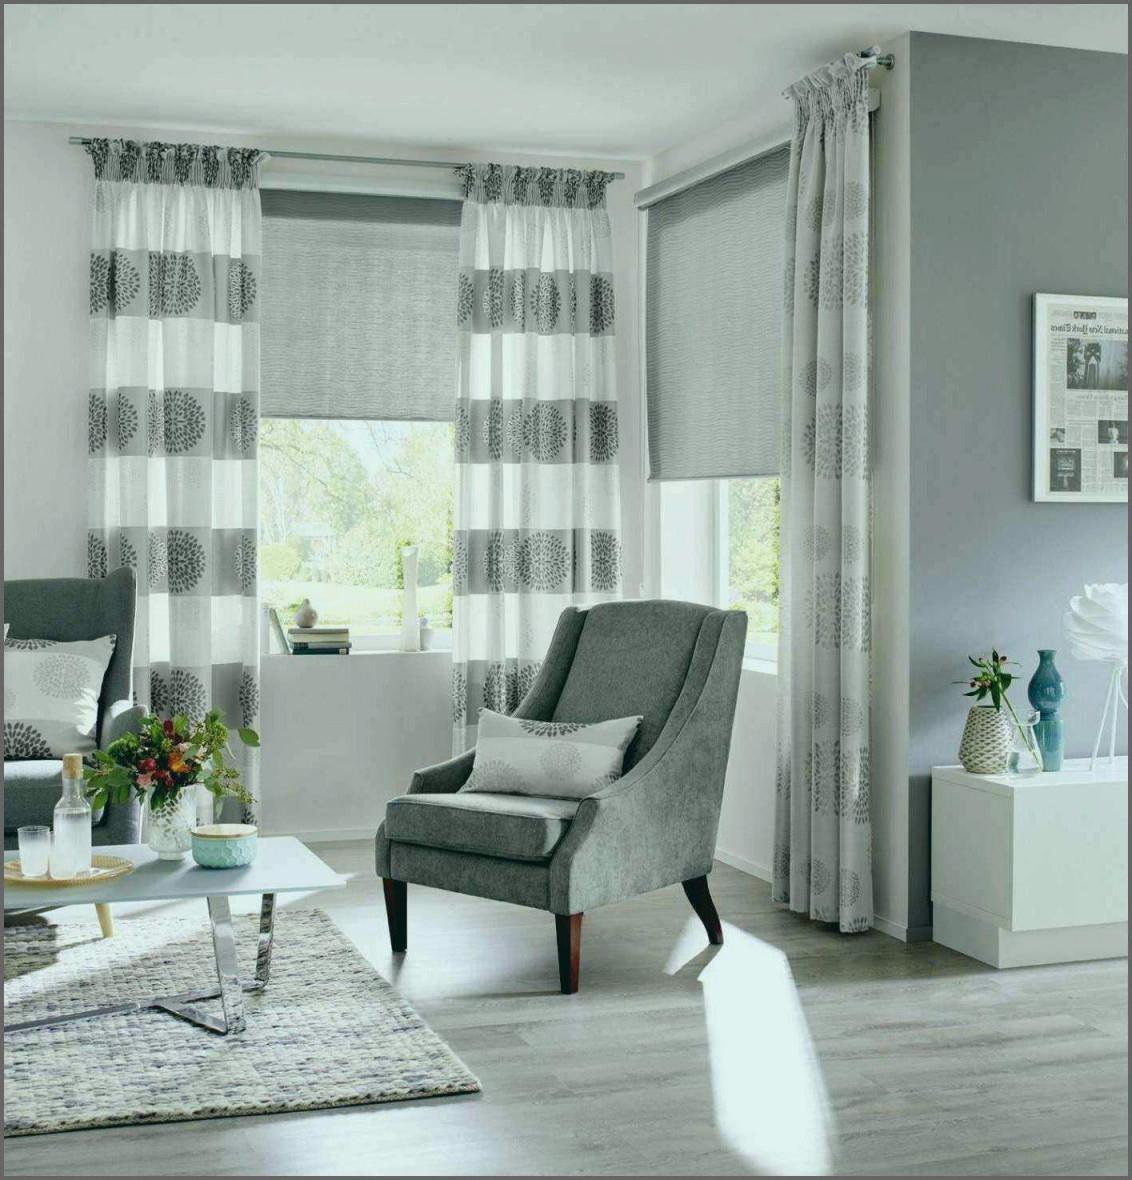 Gardinen Wohnzimmer Modern Genial 34 Exklusiv Und Natürlich von Gardinen Wohnzimmer Grau Weiß Photo